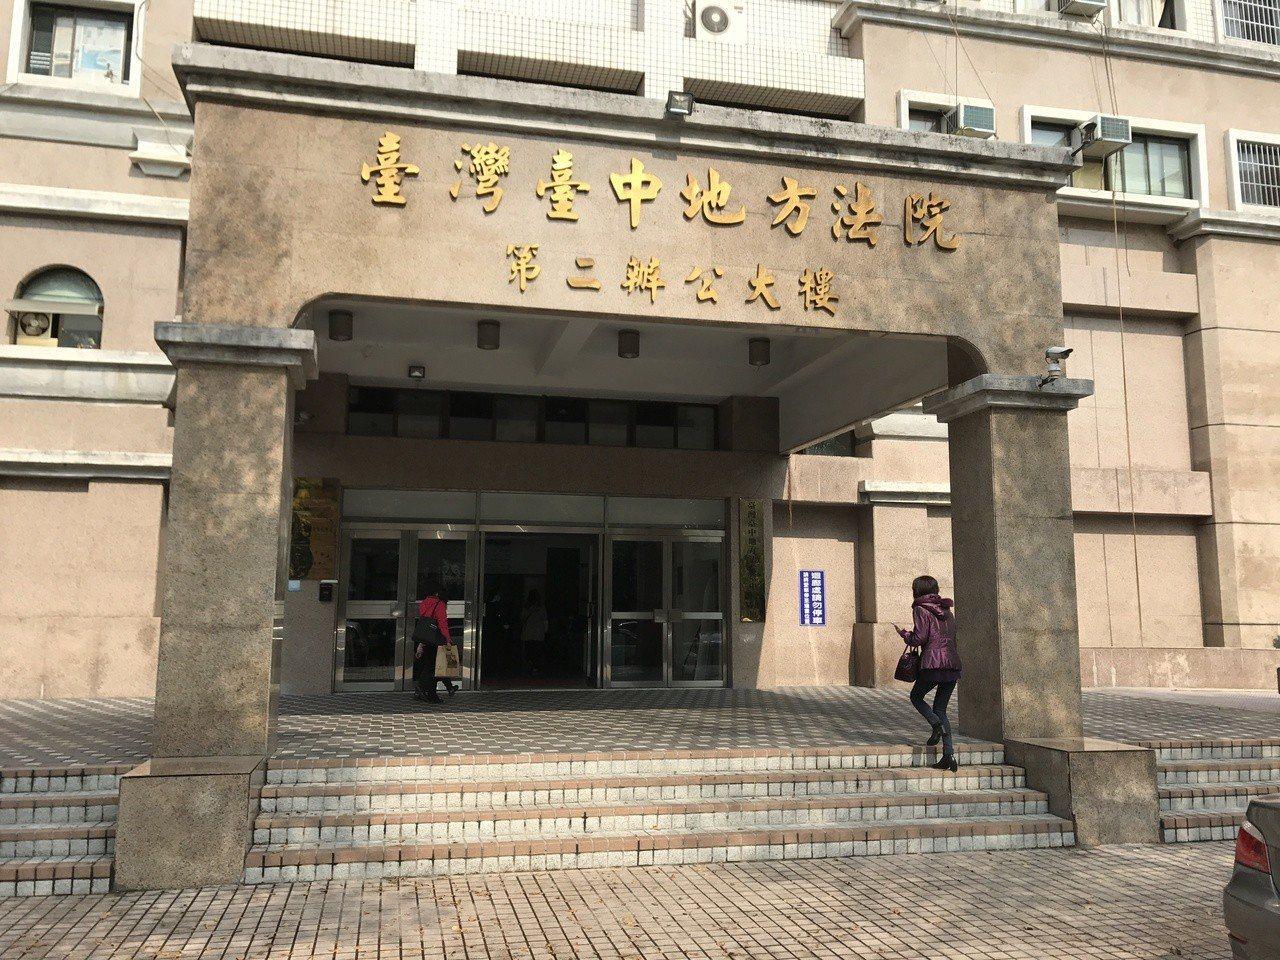 台中市蘇姓男子經營娃娃機台,因販售蘋果商品而遭警方查獲,違反商標法遭台中地院判拘...